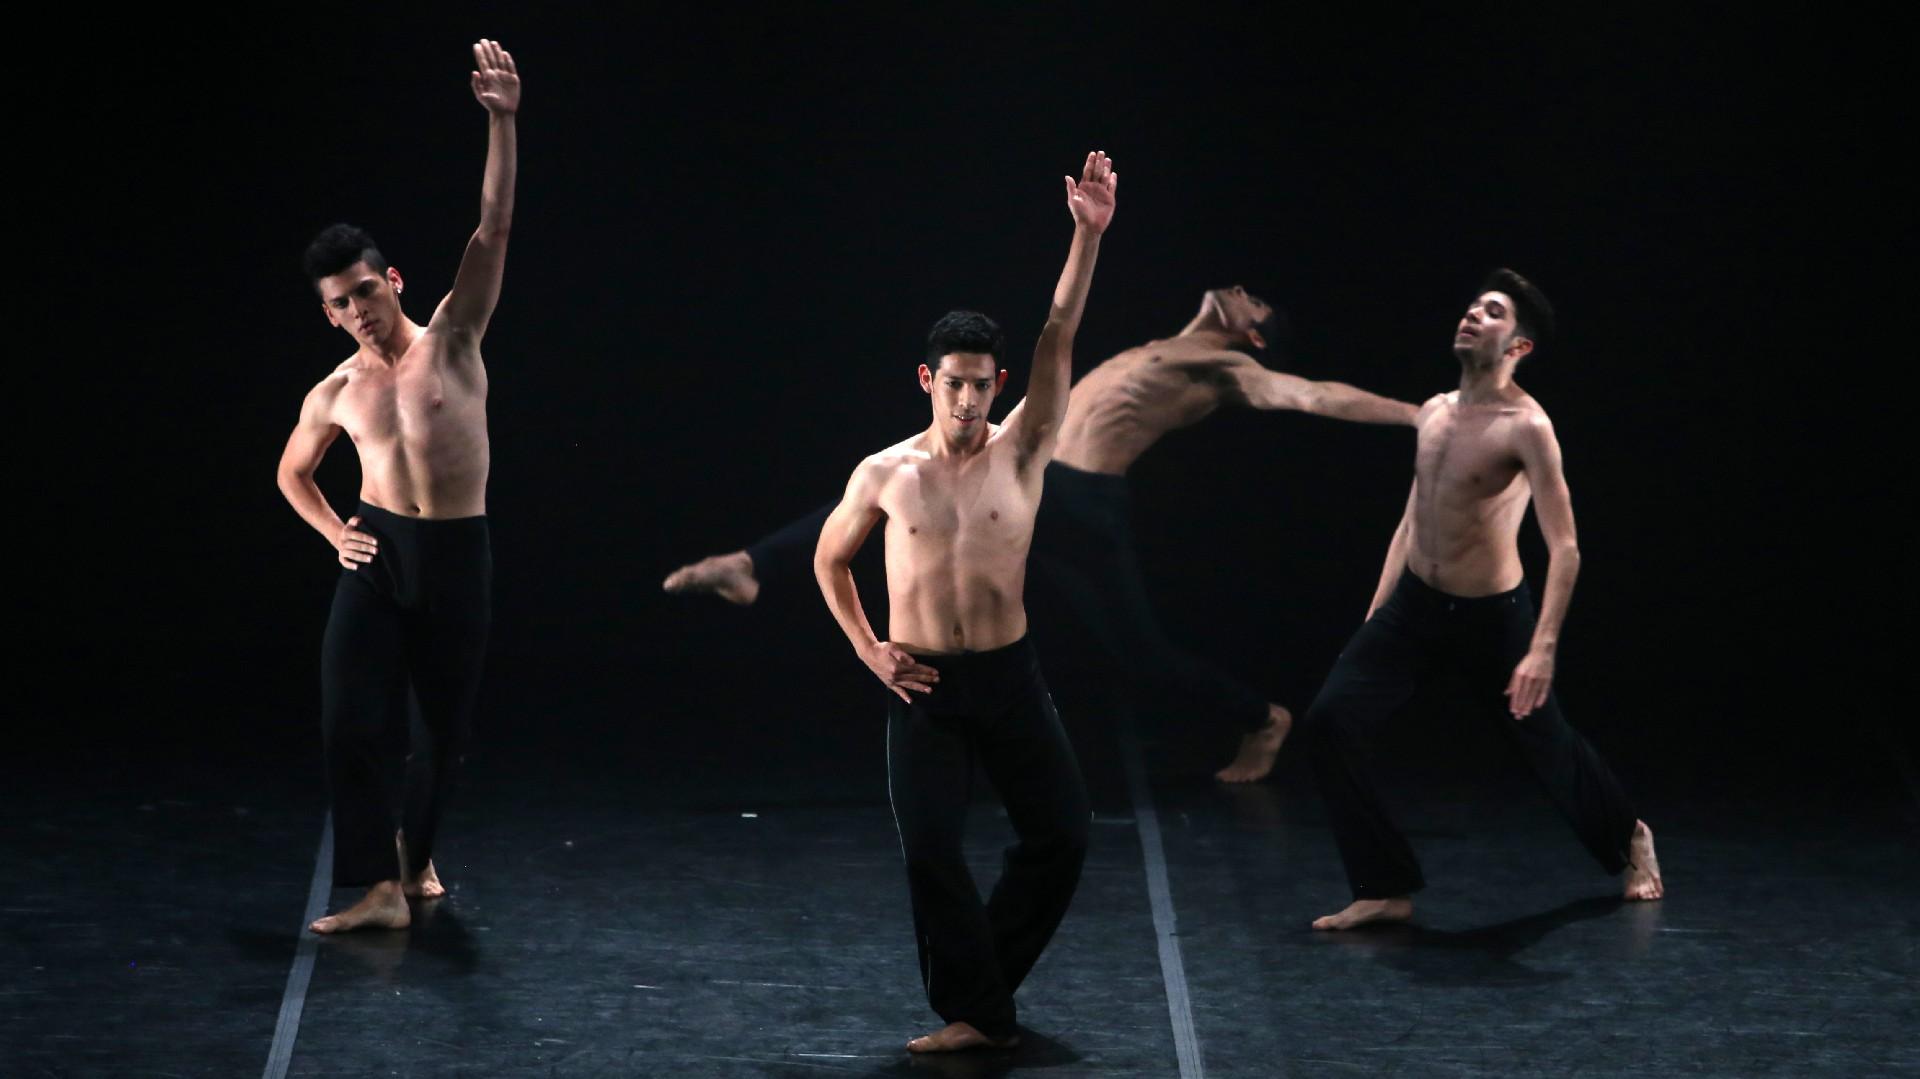 Este año, los fondos recaudados a través de las entradas a la gala, serán destinados al equipamiento de una sala de preparación física para el entrenamiento de los bailarines y al otorgamiento de nuevas becas de danza para jóvenes talentos